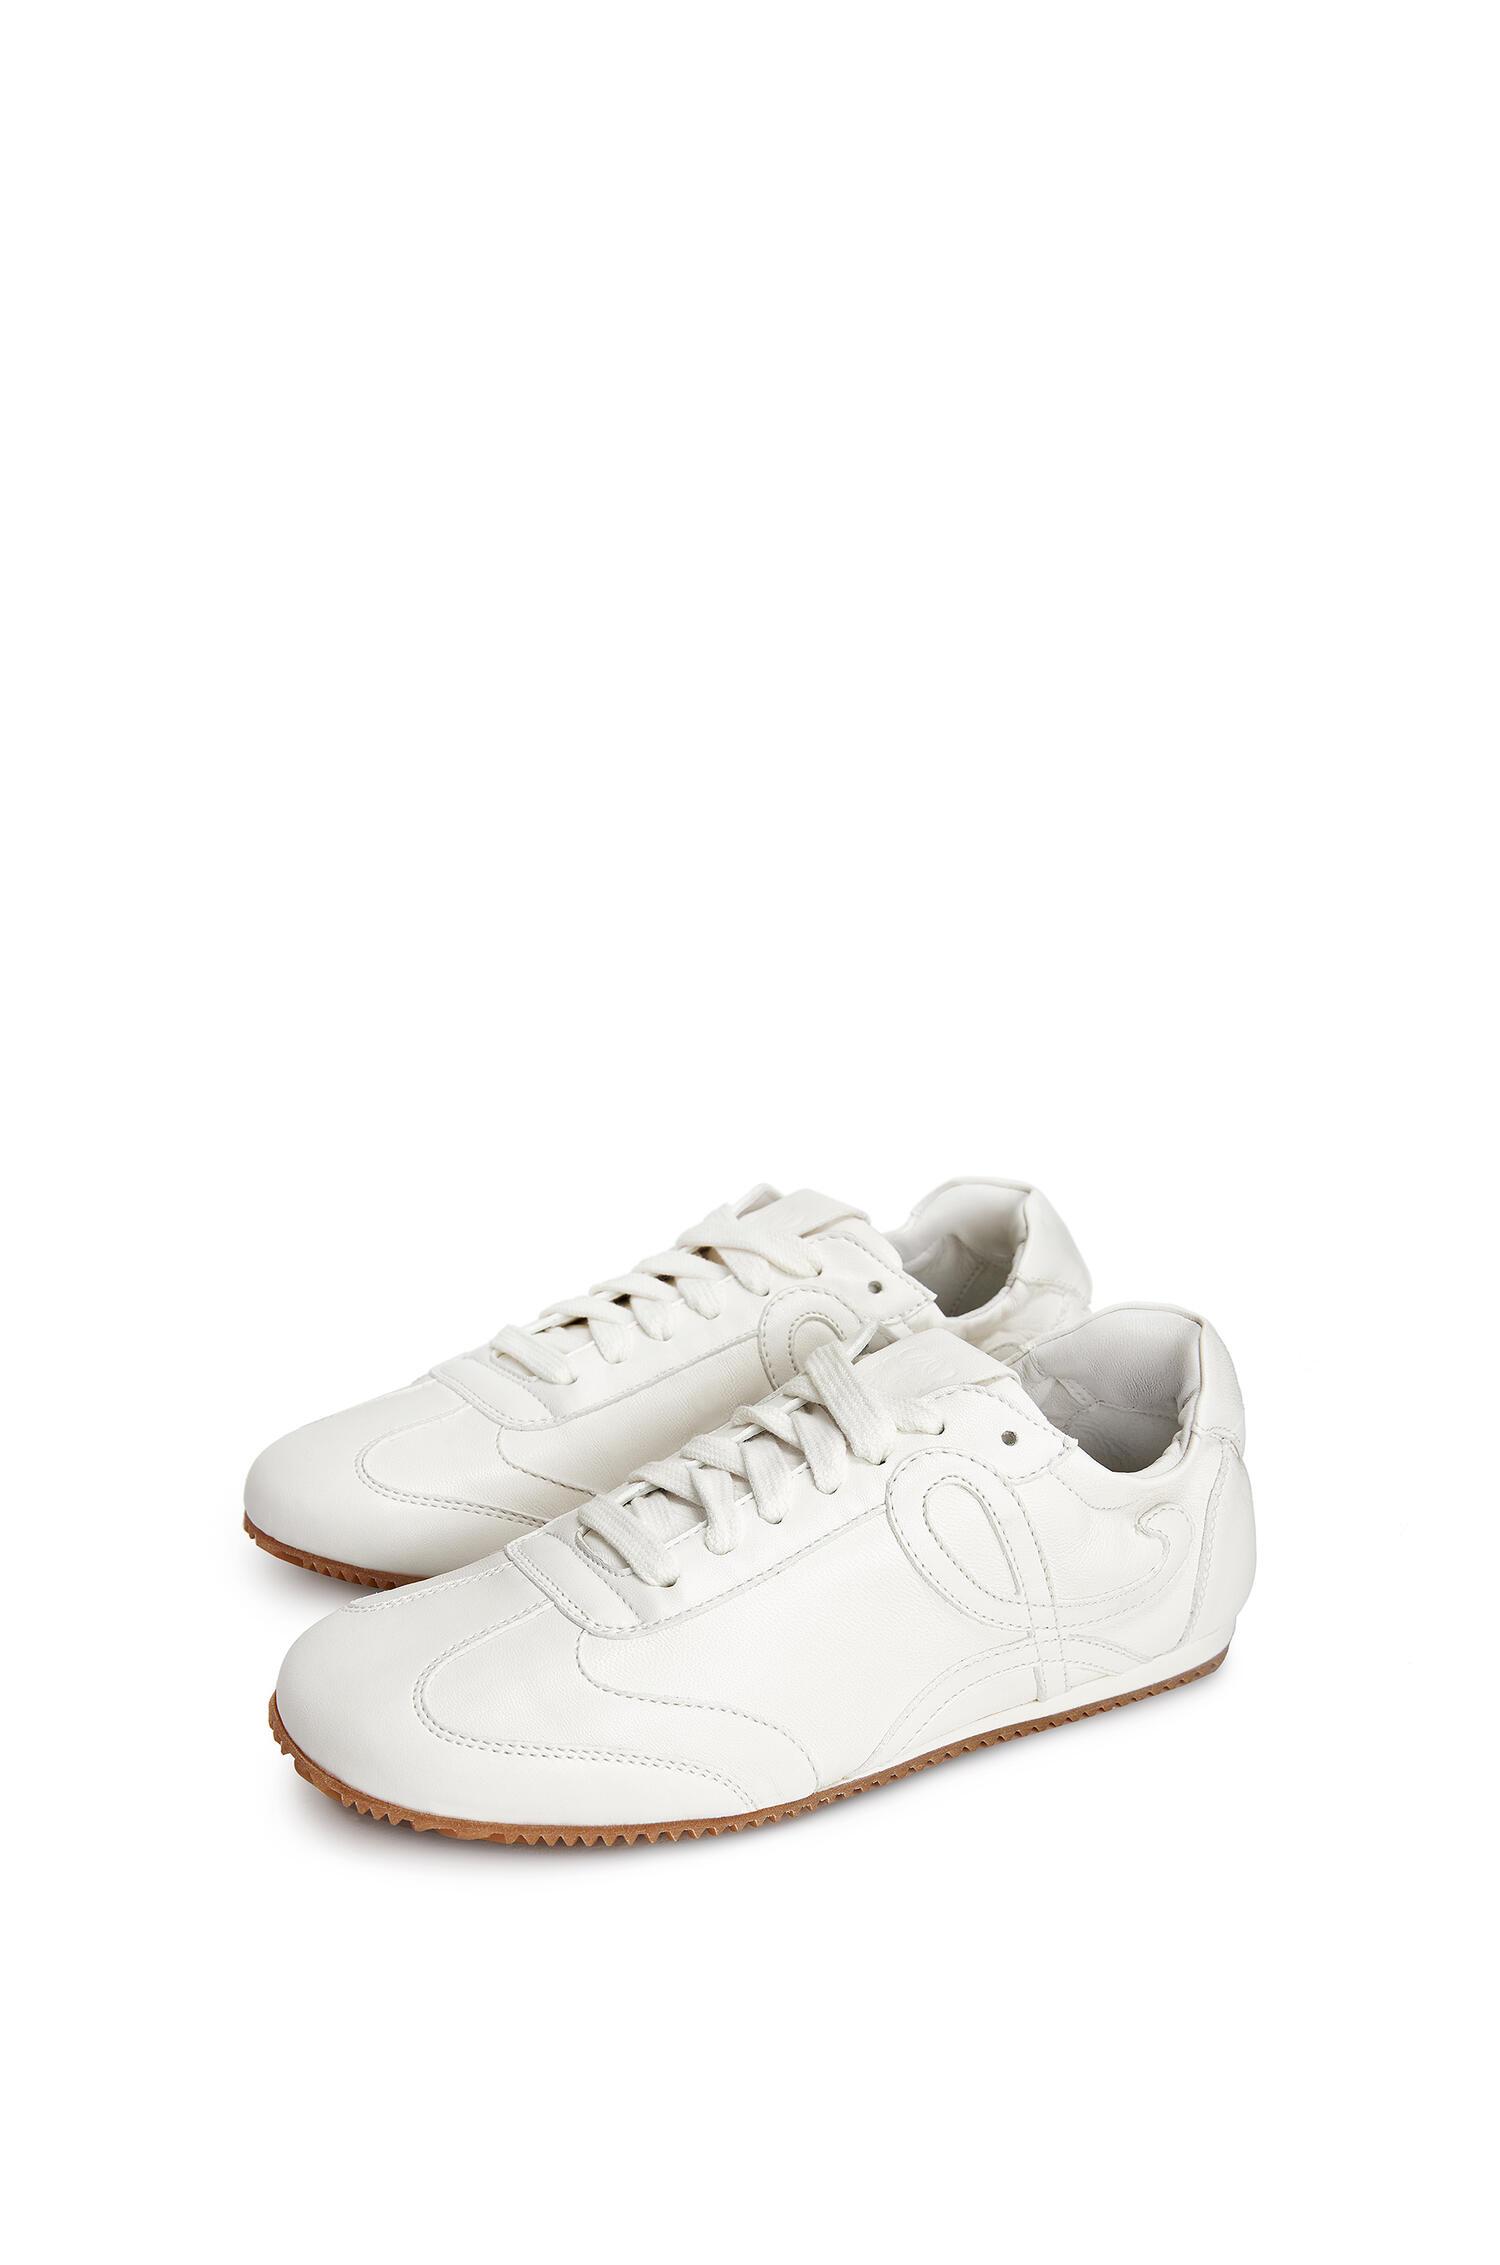 4. kép: LOEWE sneaker